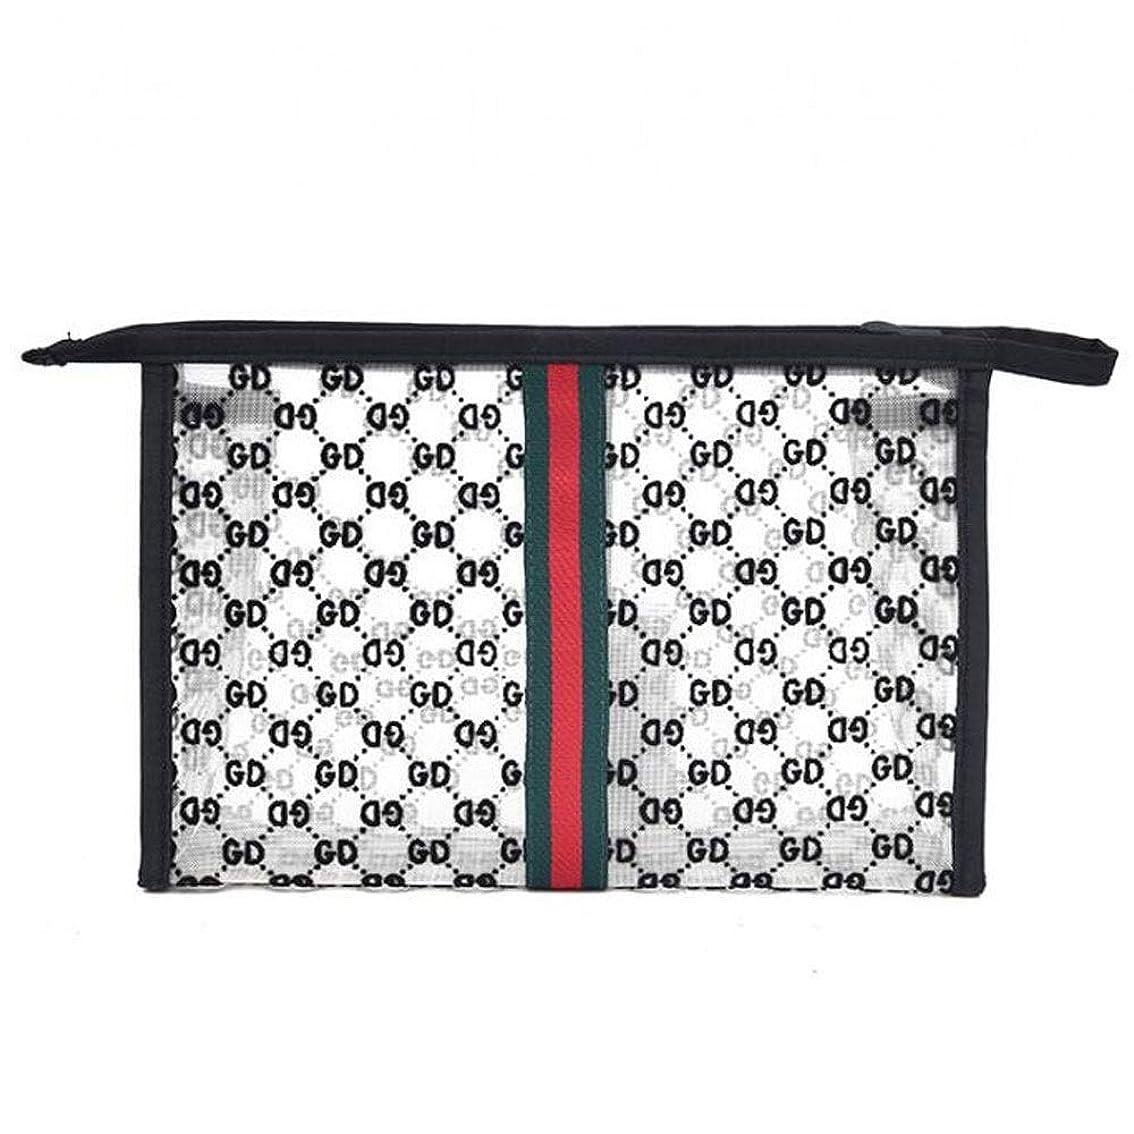 あいまいなチェスをするモトリー透明植毛メッシュ洗濯バスバッグポータブルスクエア大容量化粧品袋 (Color : Black, Size : L)